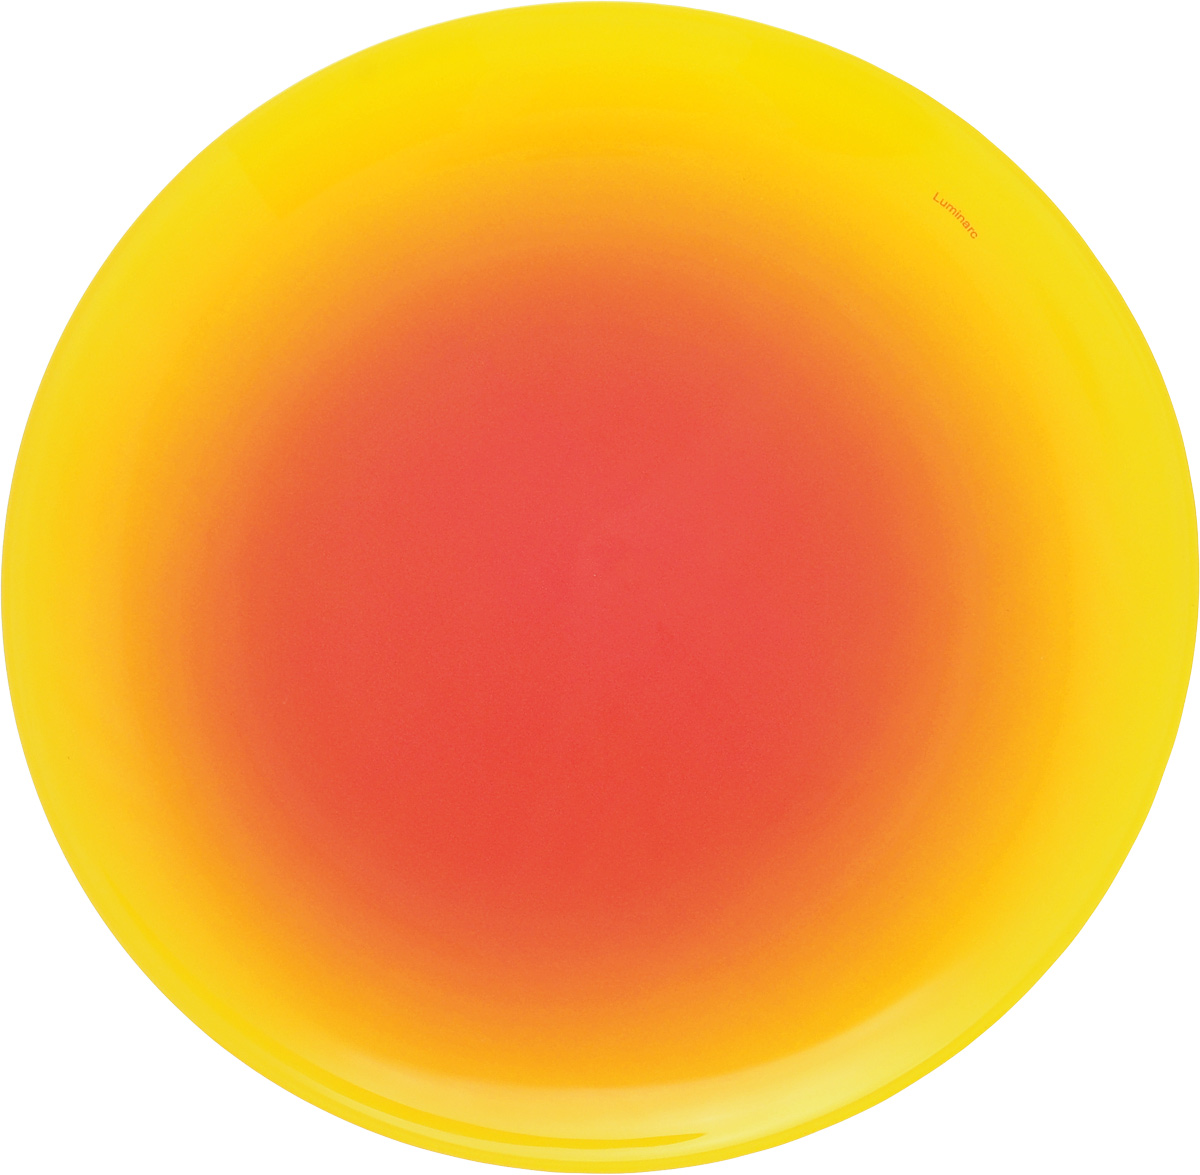 Тарелка десертная Luminarc Fizz Lemon, диаметр 20 см115510Десертная тарелка Luminarc Fizz Lemon, изготовленная изударопрочного стекла, декорирована градиентным рисунком. Такая тарелка прекрасно подходит как дляторжественных случаев, так и для повседневногоиспользования. Идеальна для подачи десертов, пирожных, тортов имногого другого. Она прекрасно оформит стол и станетотличным дополнением к вашей коллекции кухоннойпосуды. Диаметр тарелки: 20 см. Высота тарелки: 1,5 см.